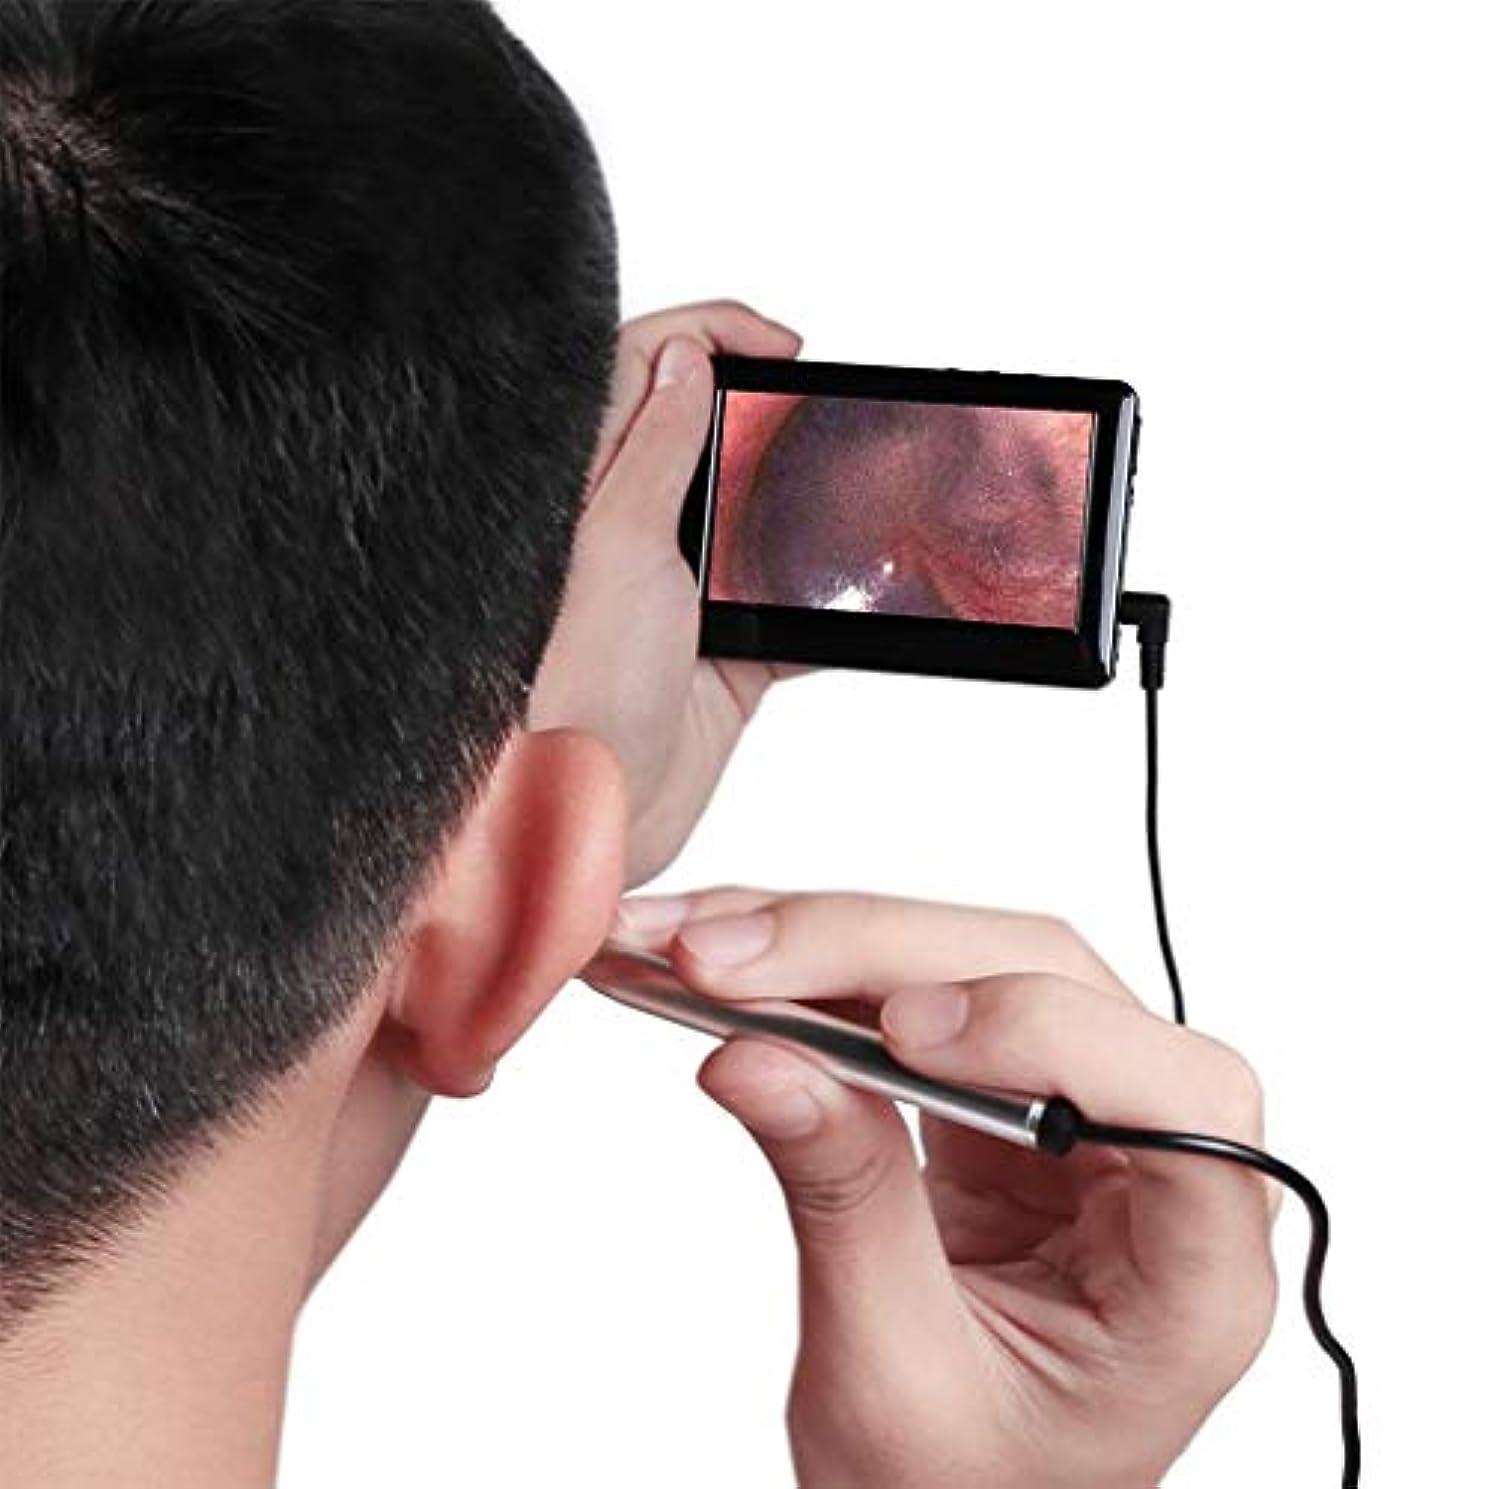 の中で優遇北へ耳の検査カメラUSB Otoscope(4.3インチディスプレイ付き)耳用スコープ(6 LED耳クリーニング内視鏡プラグアンドプレイ付き)